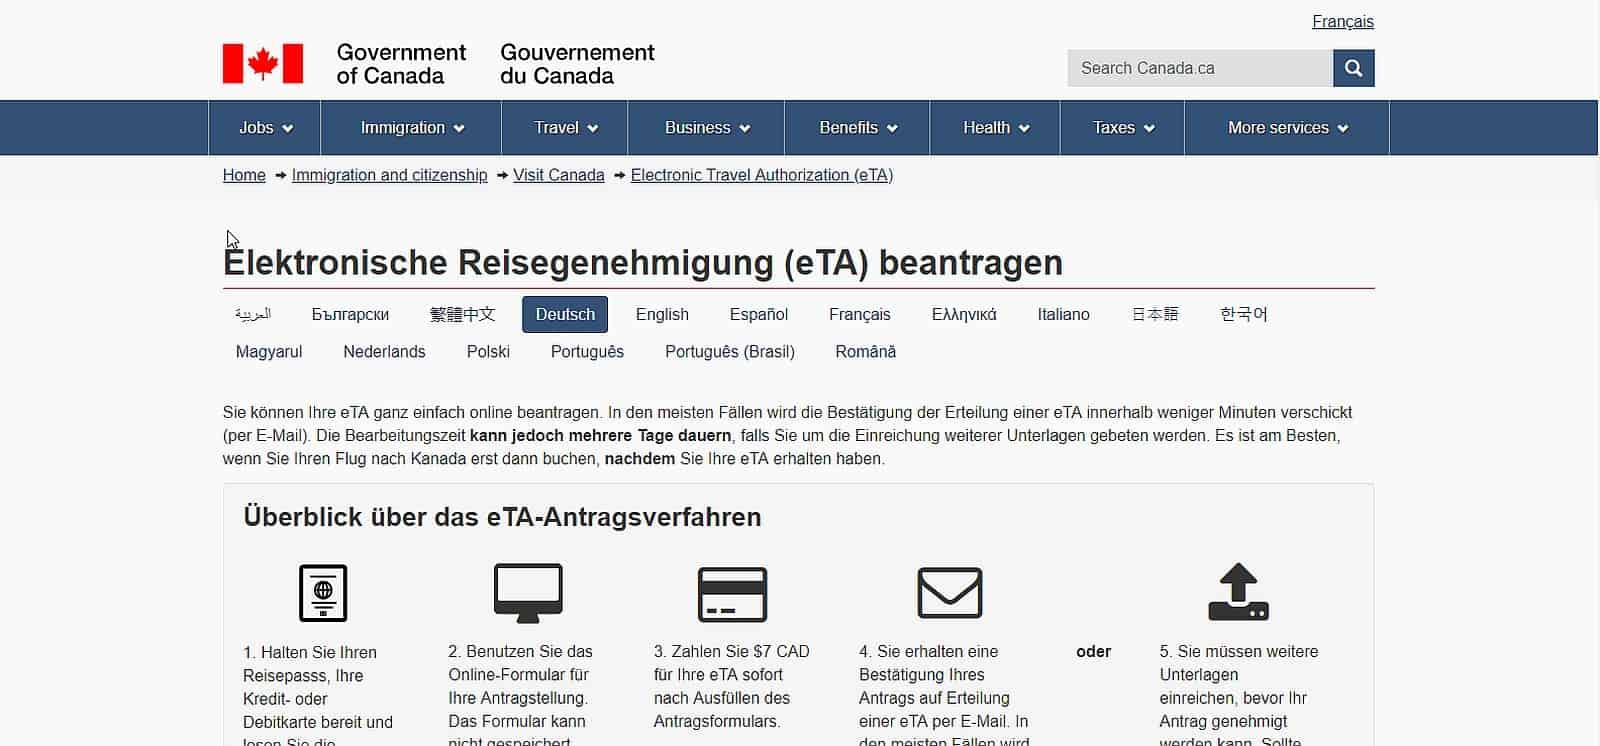 eTA Kanada Antrag - schnell und einfach ausfüllen mit der Anleitung in deutscher Sprache. Foto www.canada.ca